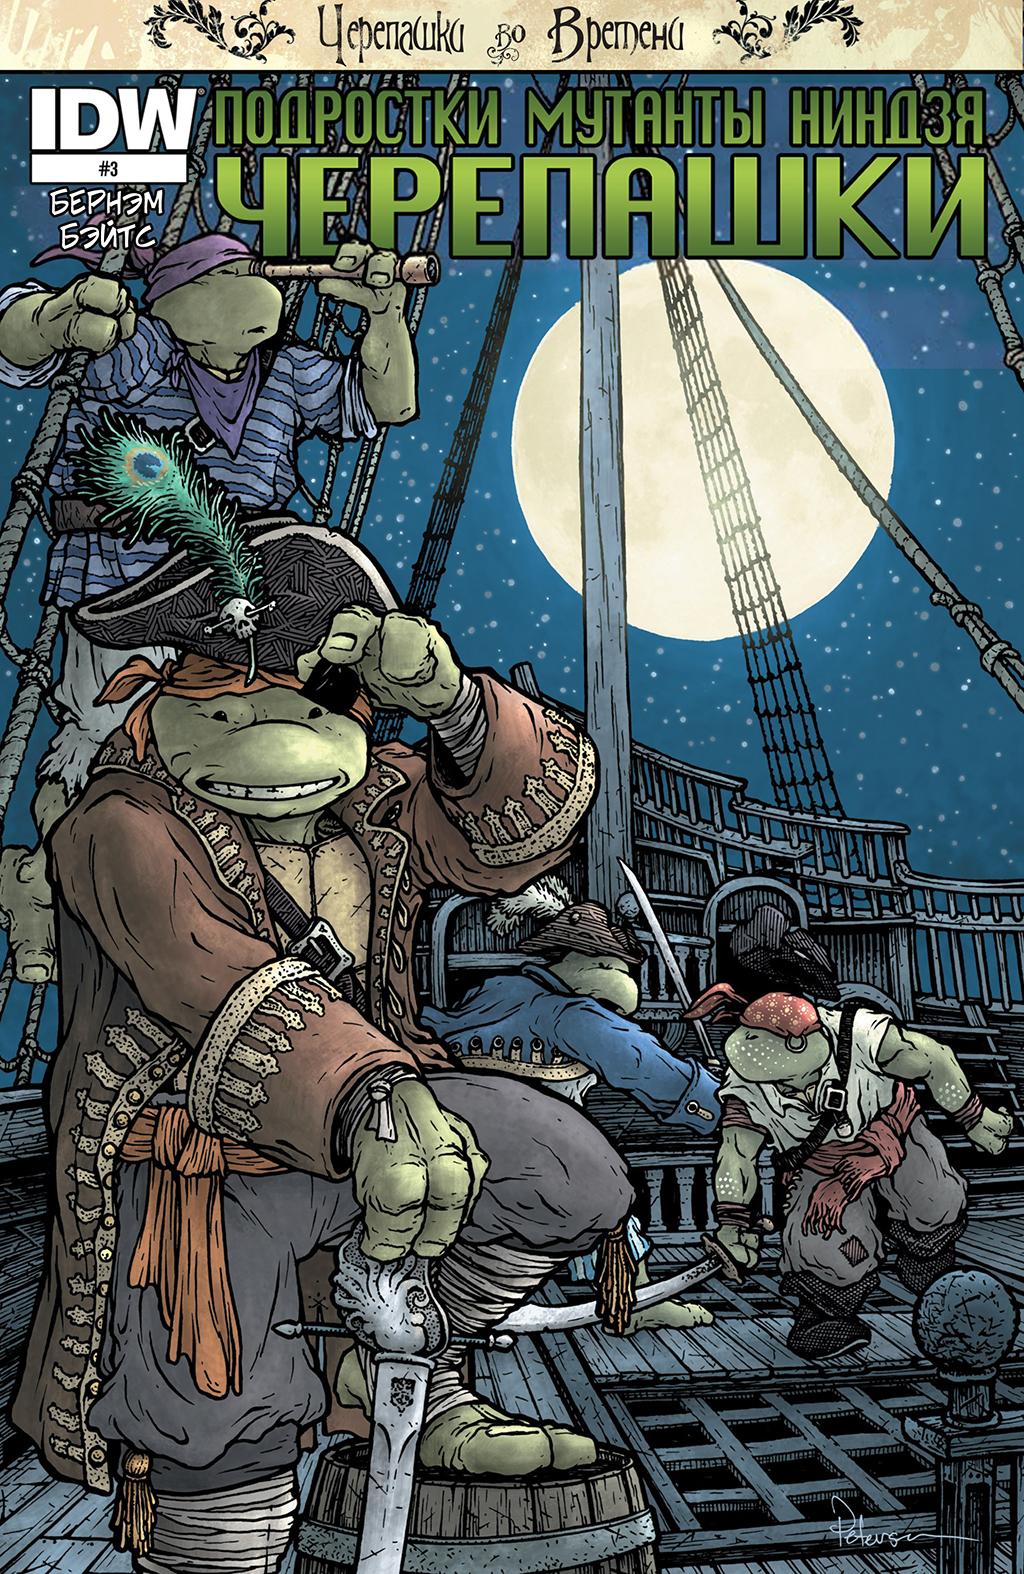 Комикс Подростки Мутанты Ниндзя Черепашки: Черепашки во Времени